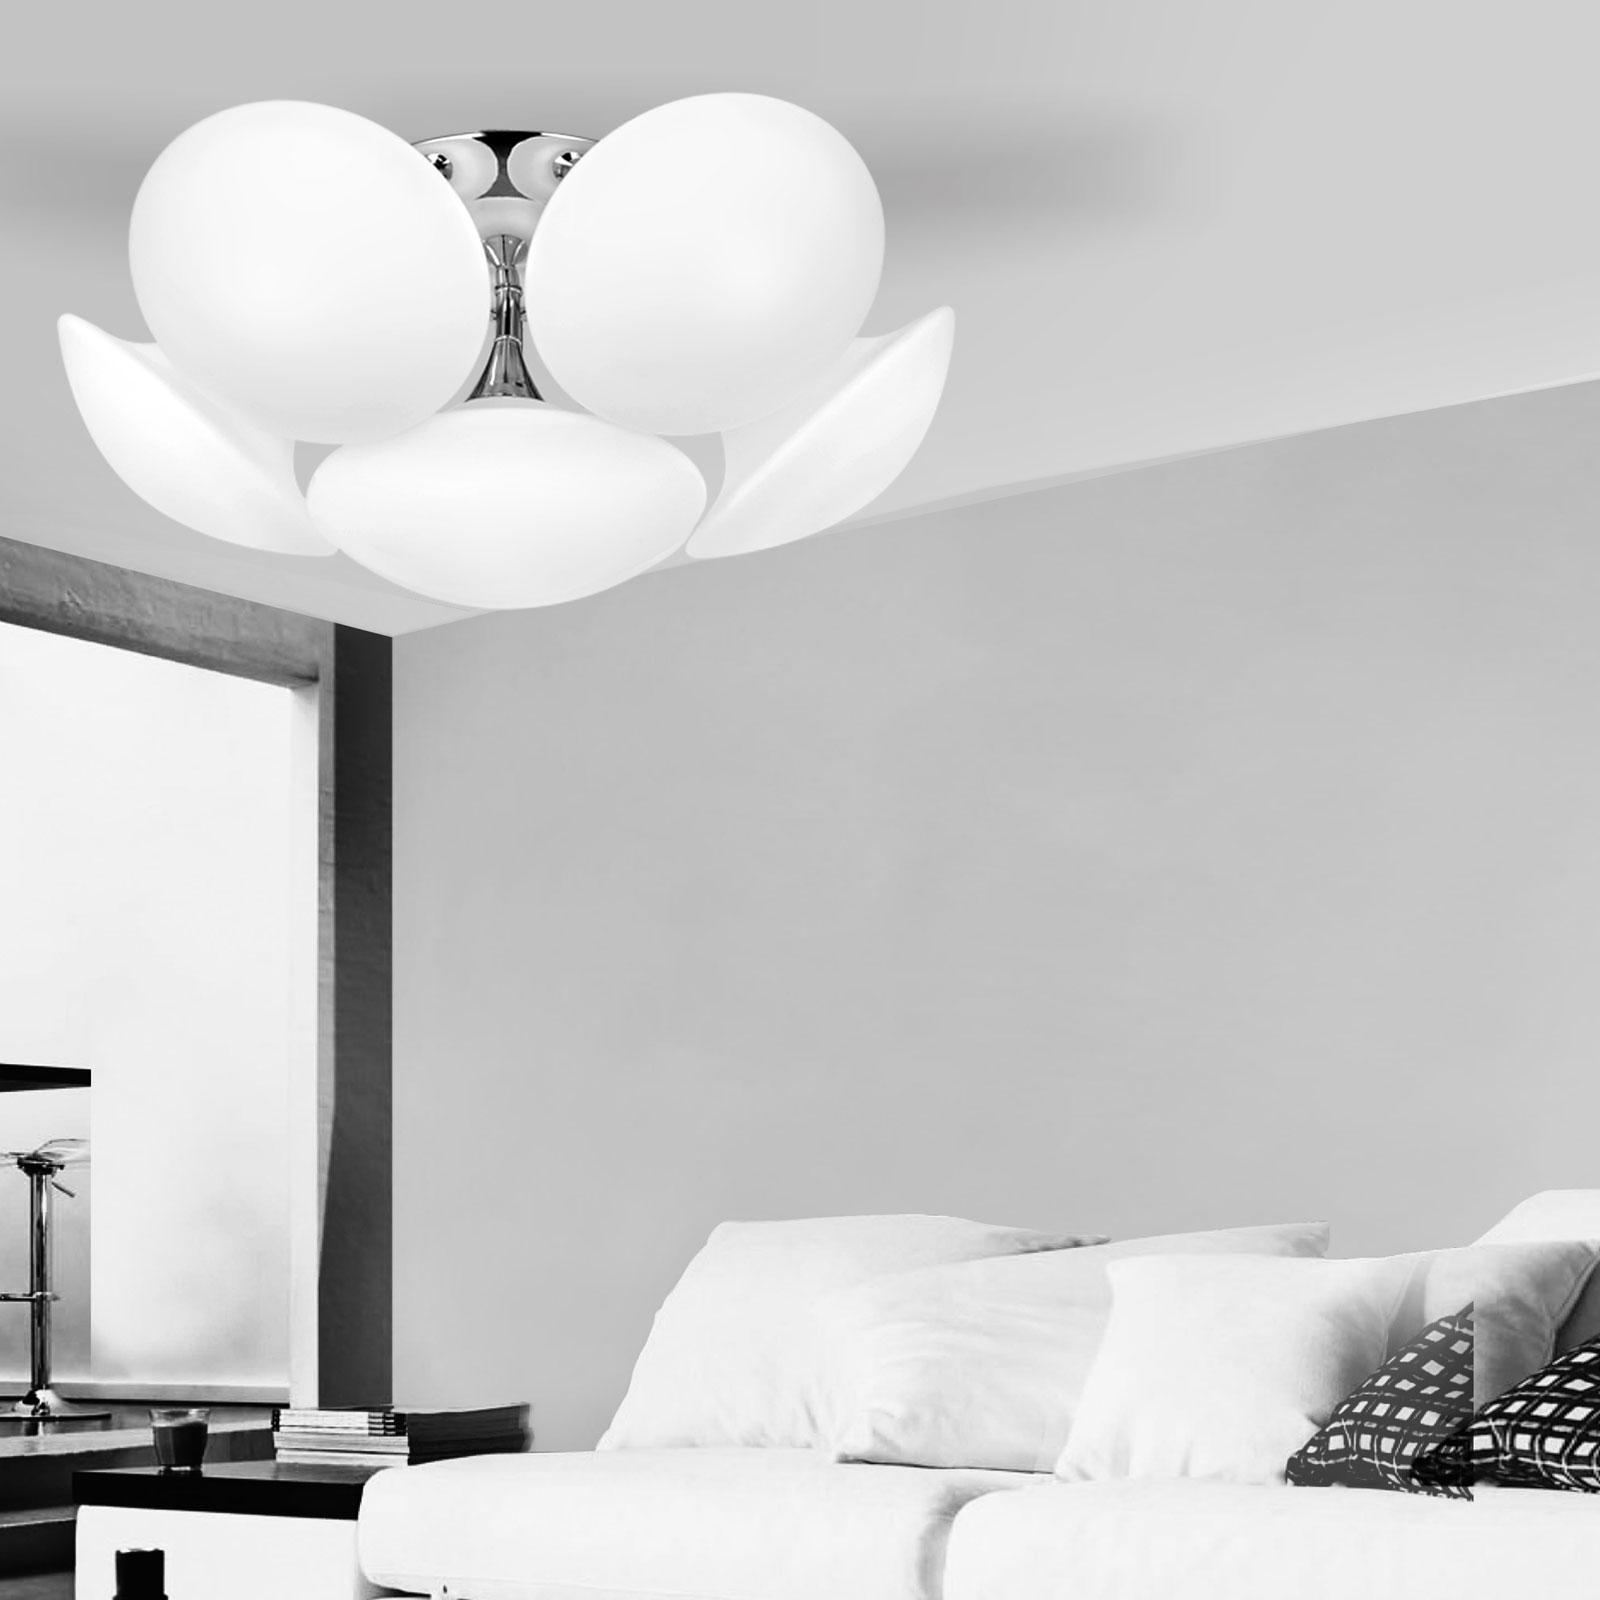 Full Size of Wohnzimmer Vorhänge Schrankwand Bilder Modern Gardine Designer Betten Sideboard Deckenleuchte Tisch Kommode Heizkörper Vinylboden Liege Led Lampen Moderne Wohnzimmer Designer Lampen Wohnzimmer